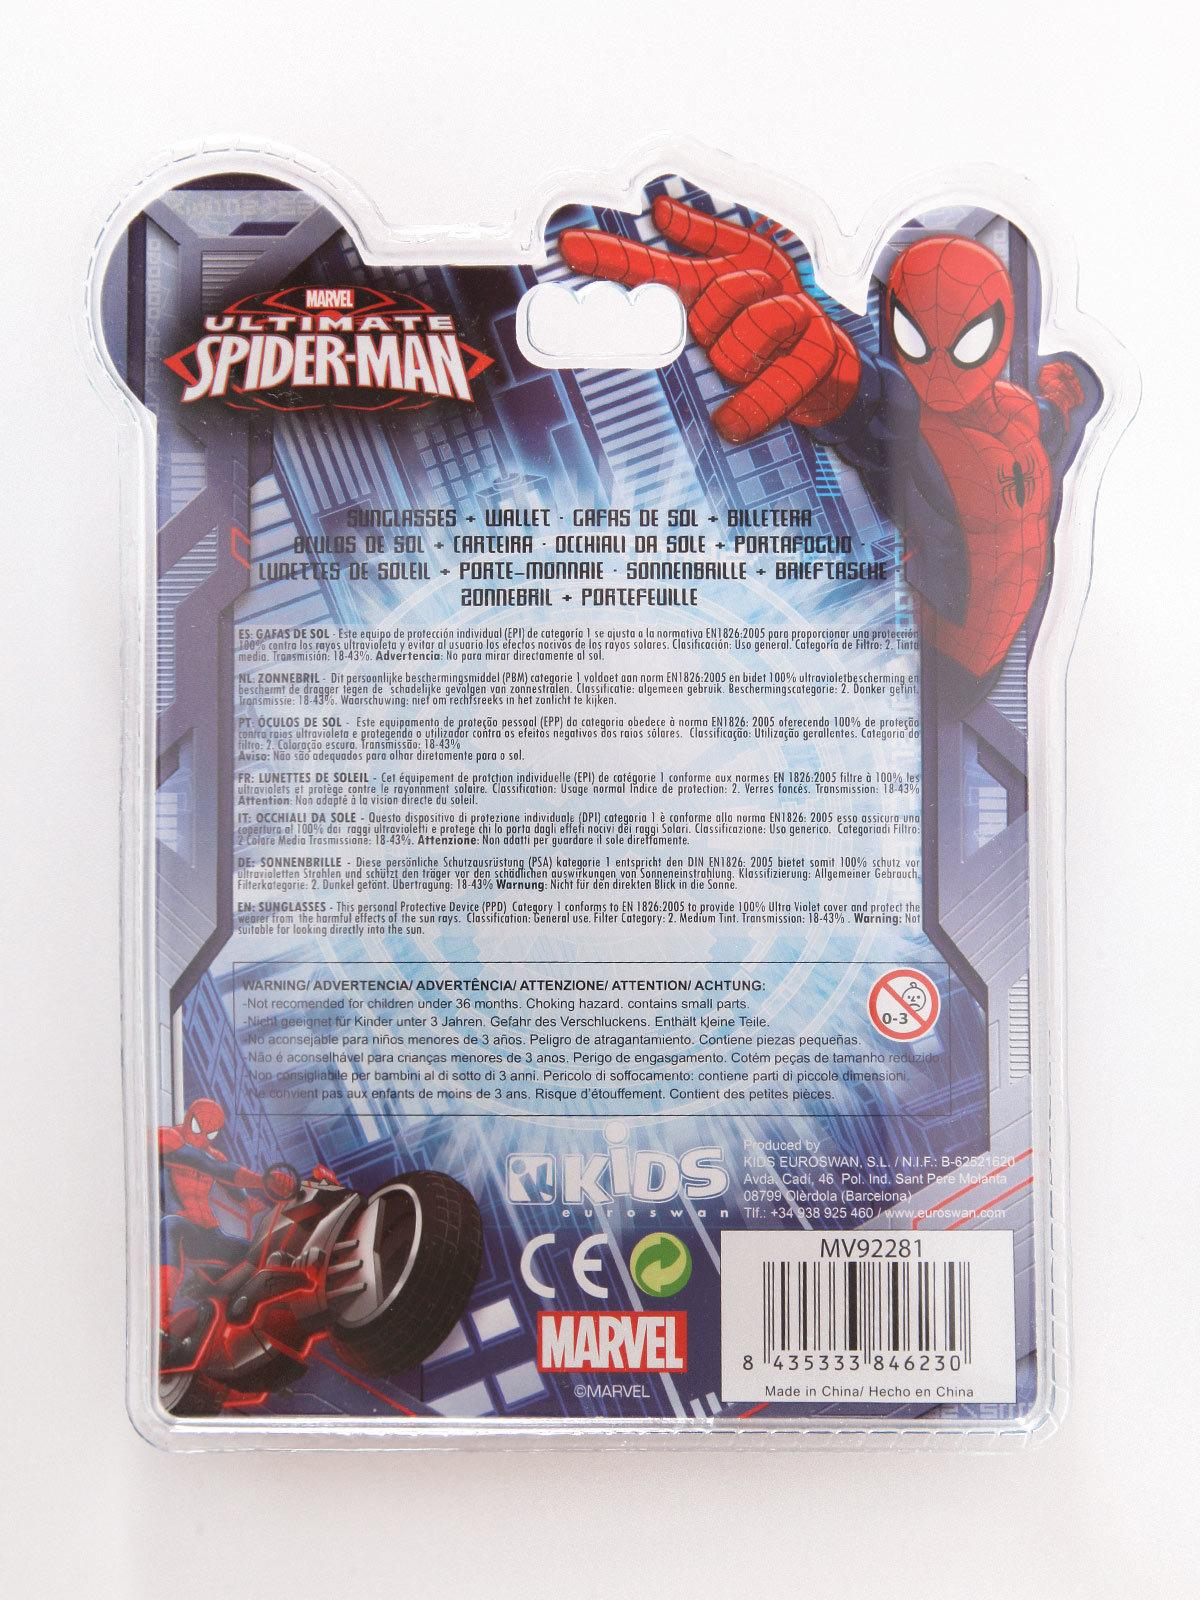 Disney Marvel Confezione da 6 Slip per Bambino Bimbo Disegno Spiderman Uomo Ragno